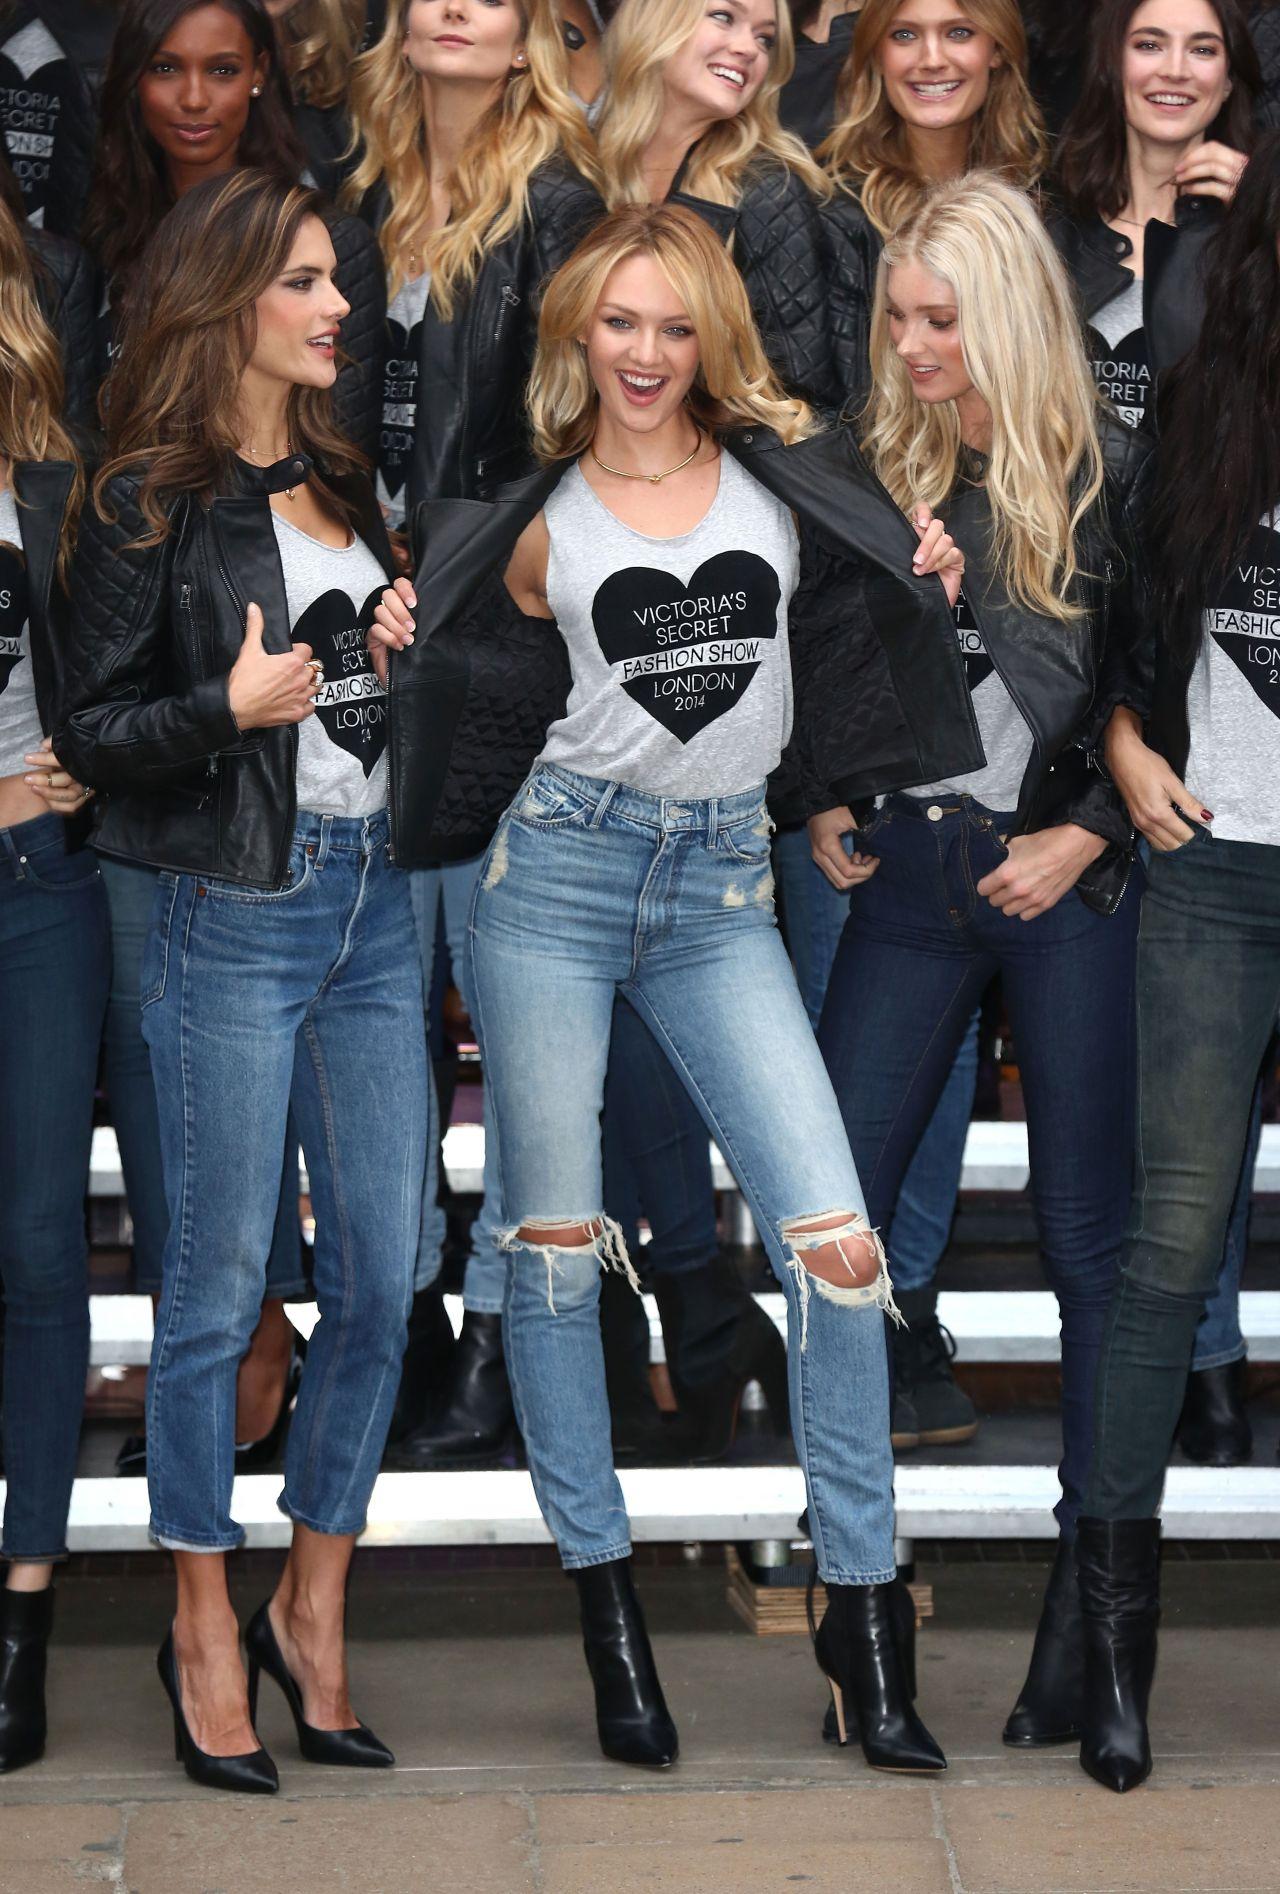 Victoria S Secret Fashion Show Photocall At Victoria S